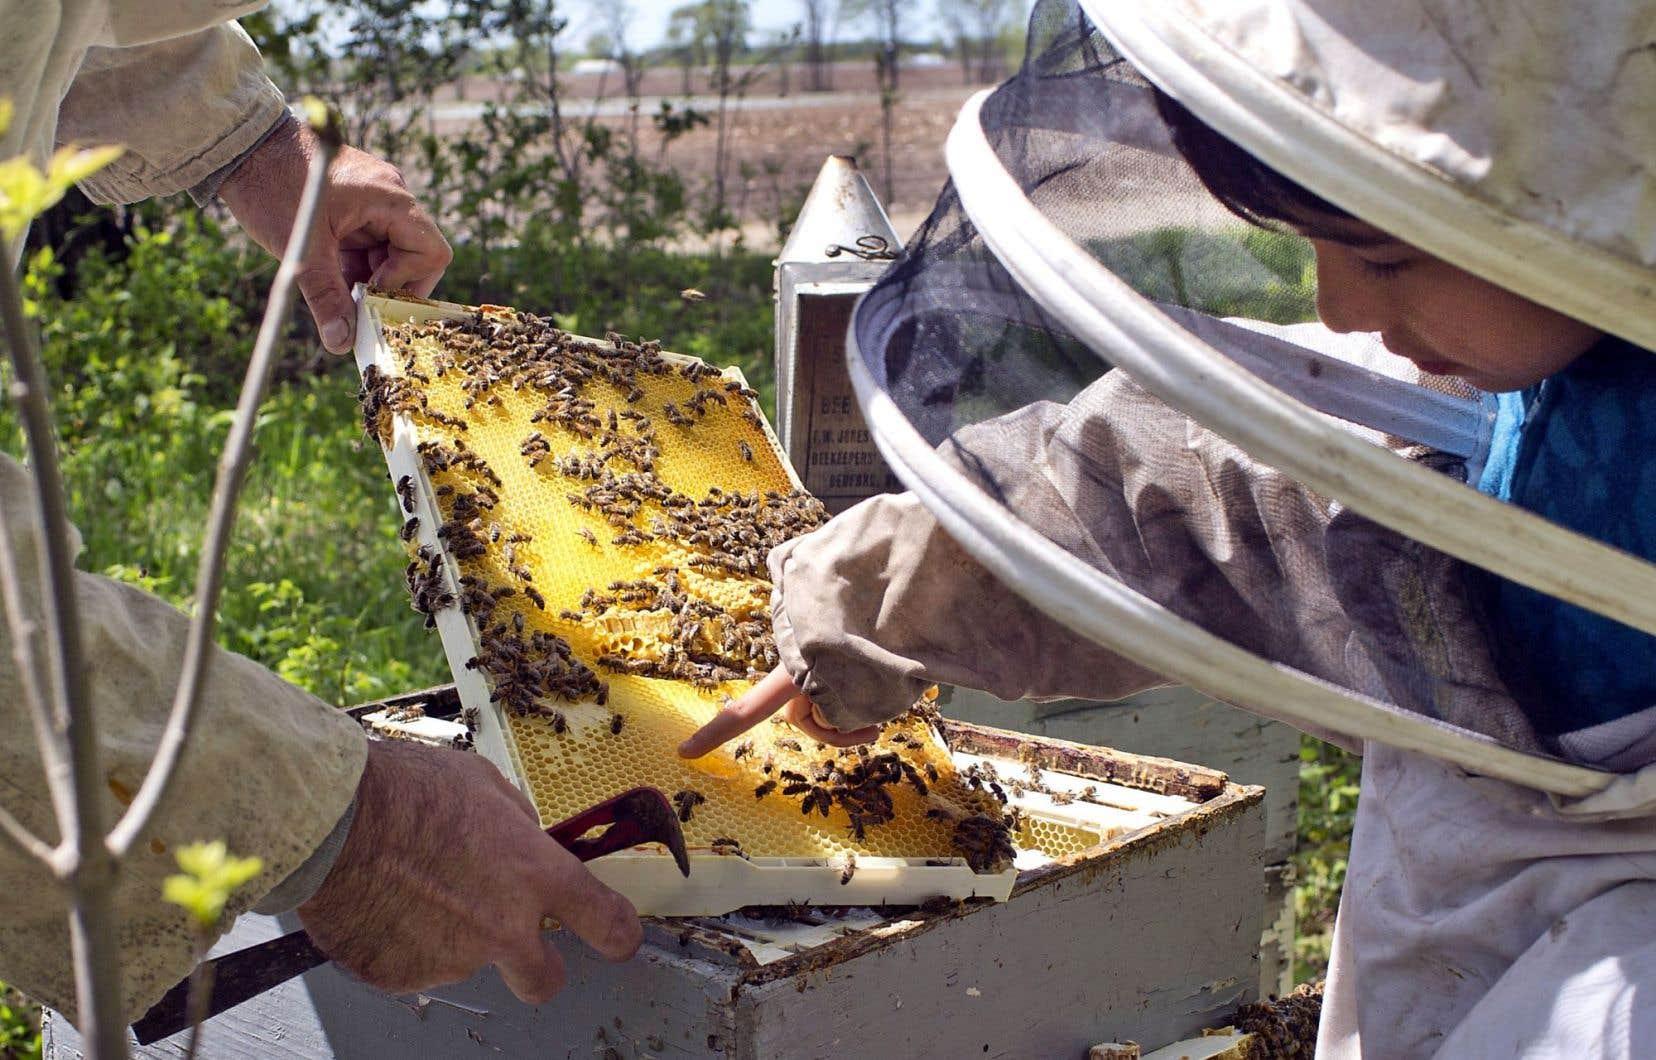 Selon de nombreuses études, l'usage des néonicotinoïdes, en conditions variées, cause des mortalités importantes parmi les abeilles domestiques et sauvages.<br />